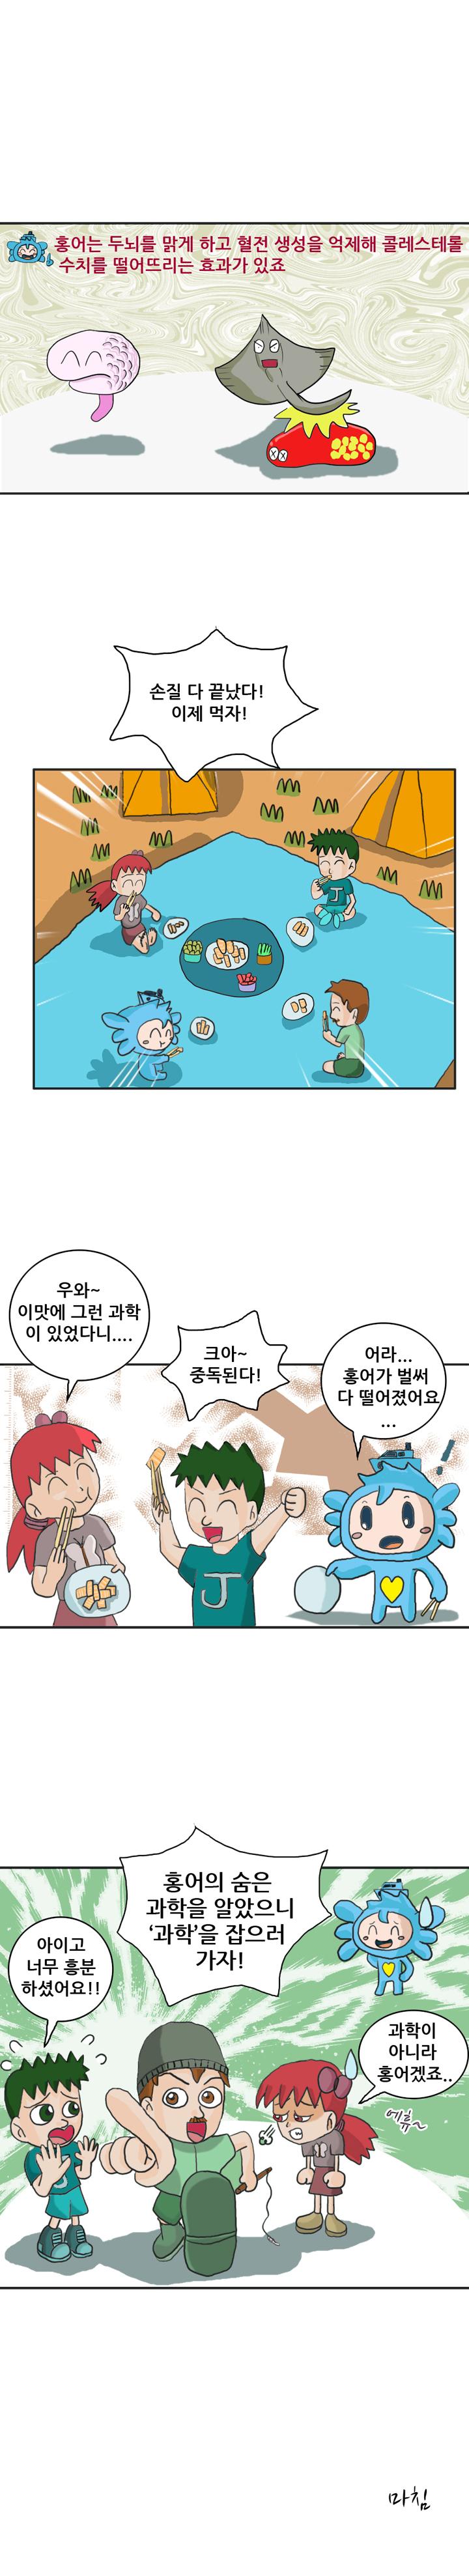 홍어과학-04